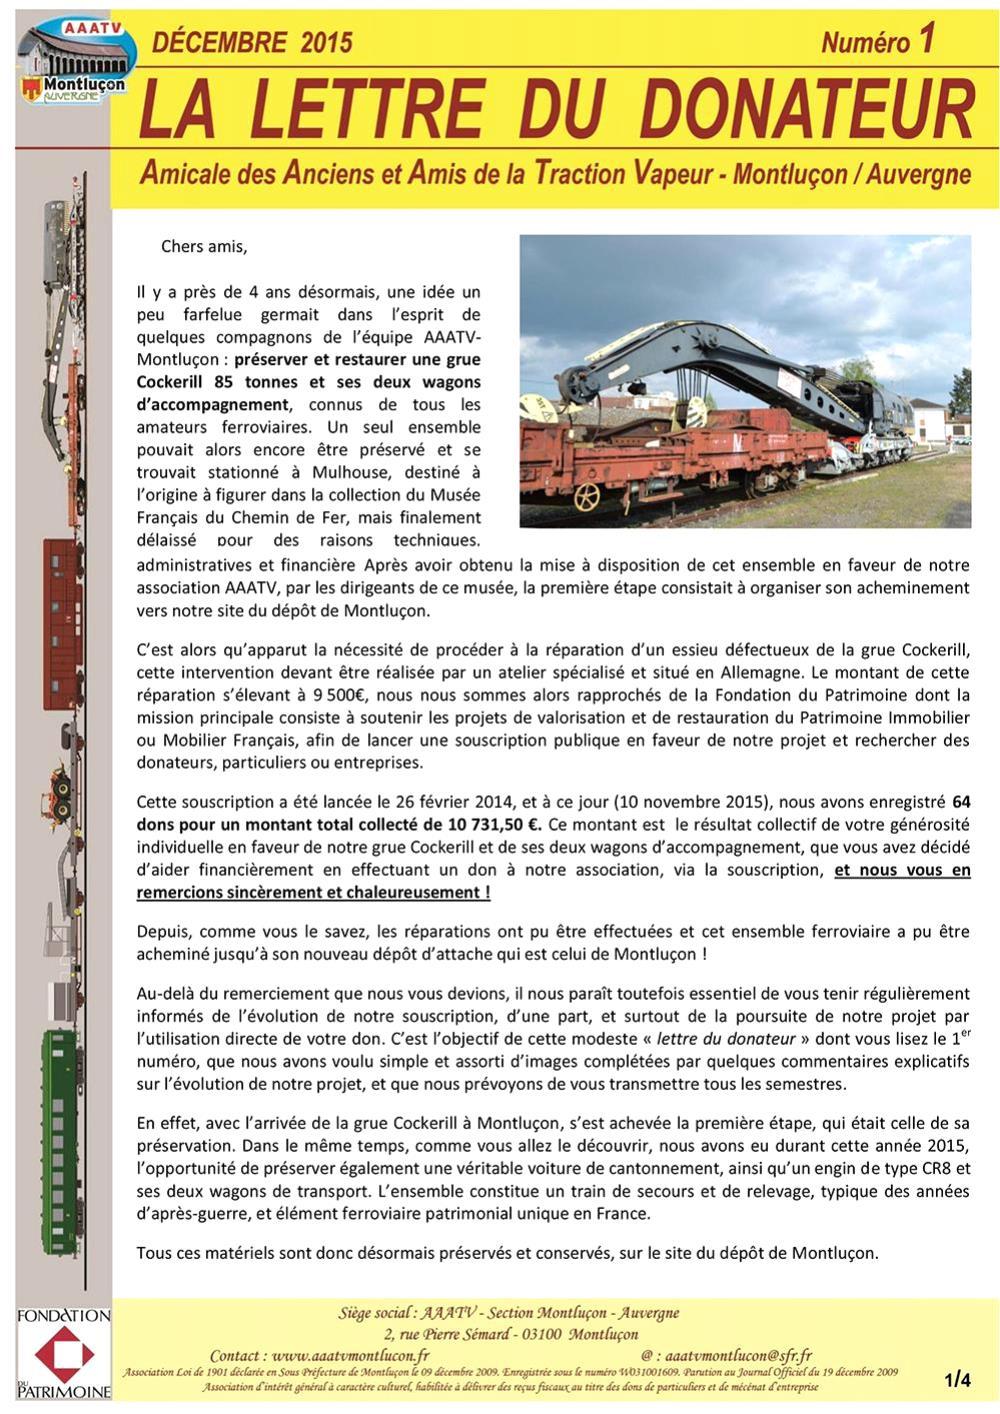 Lettre donateur page 1